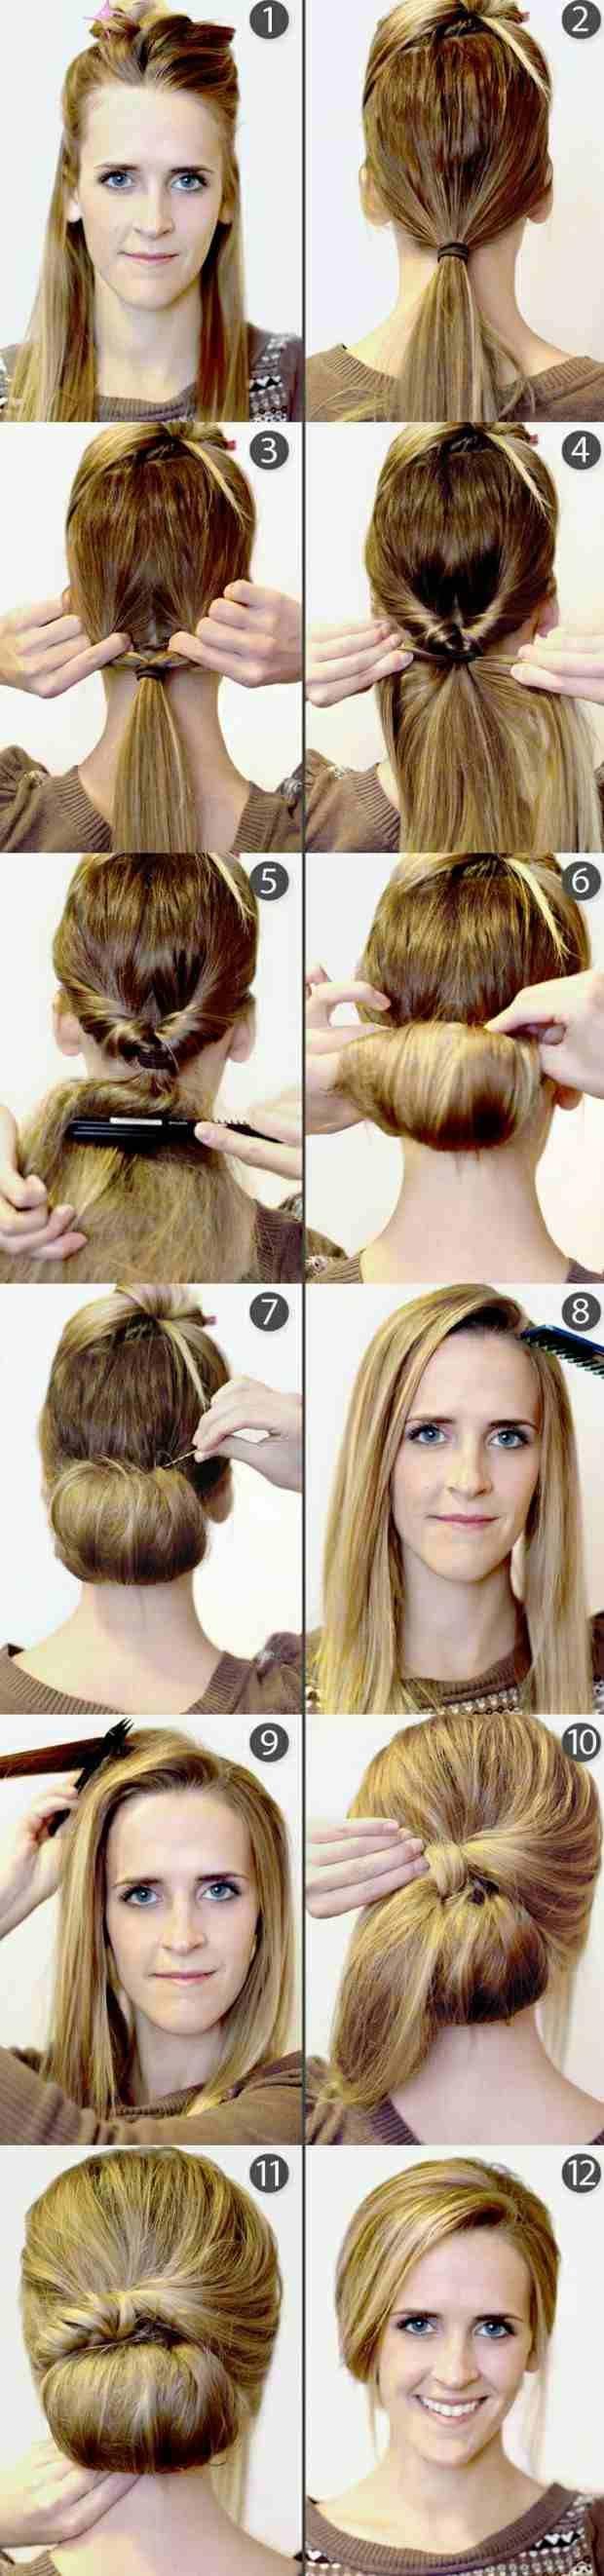 Einfache Und Schnelle Frisuren | Einfache Schnelle Hochsteckfrisur Alltag Praktisch Frisuren